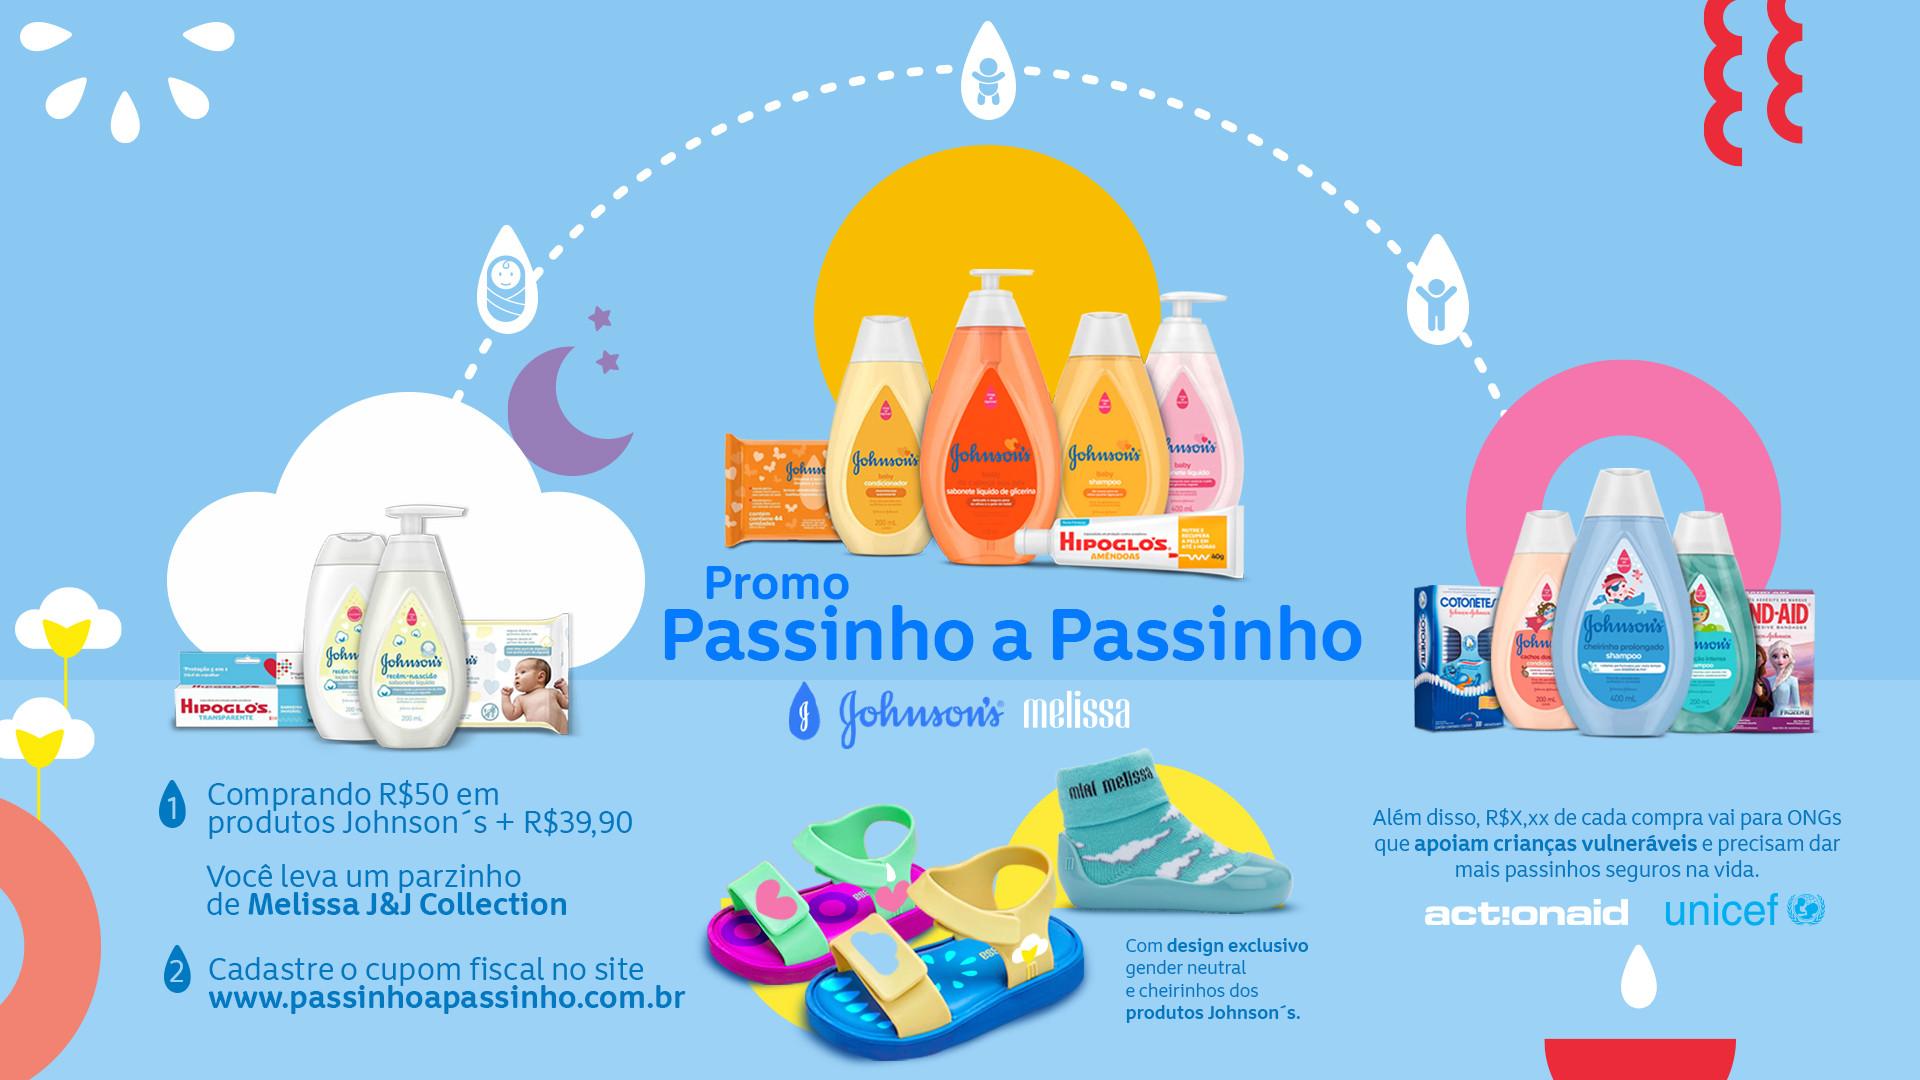 1-KV_PROMO_PASSINHO_A_PASSINHO.jpg